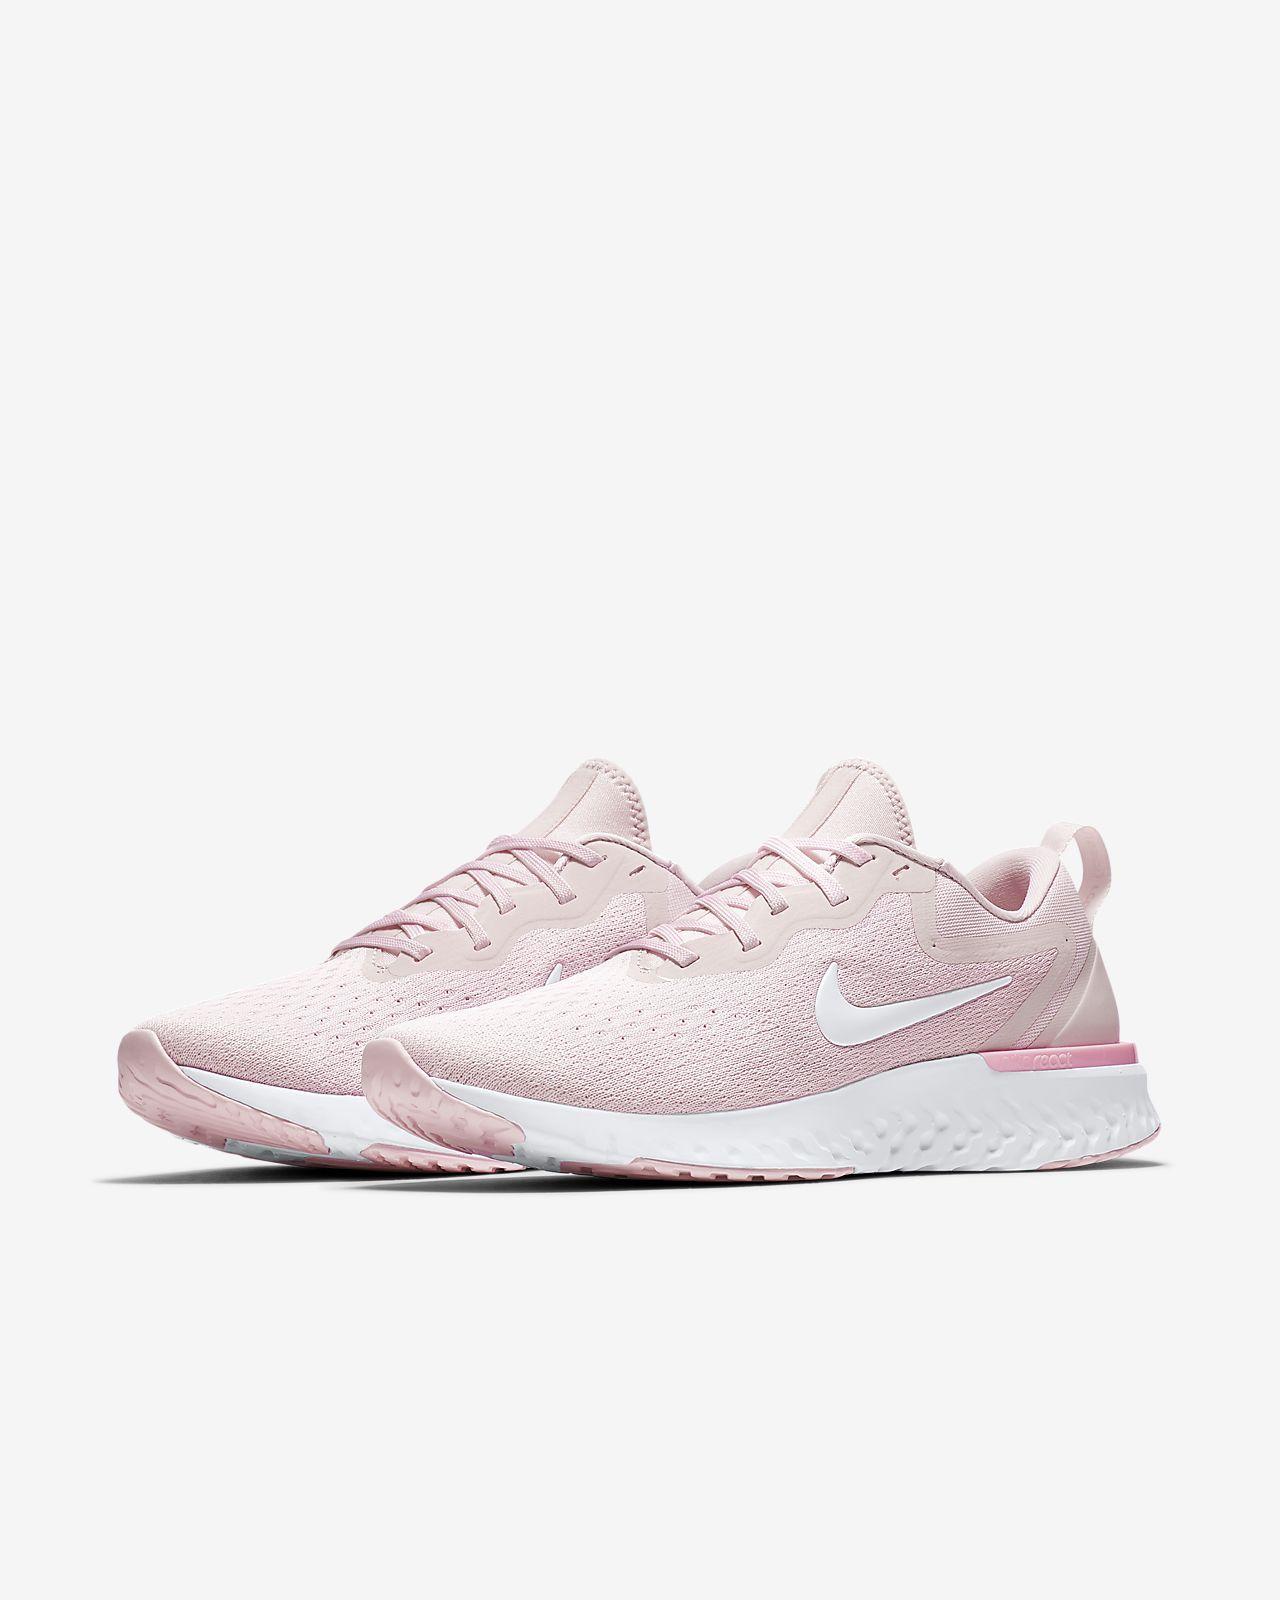 43d9bf42 Nike Odyssey React løpesko til dame | WANT | Zapatillas